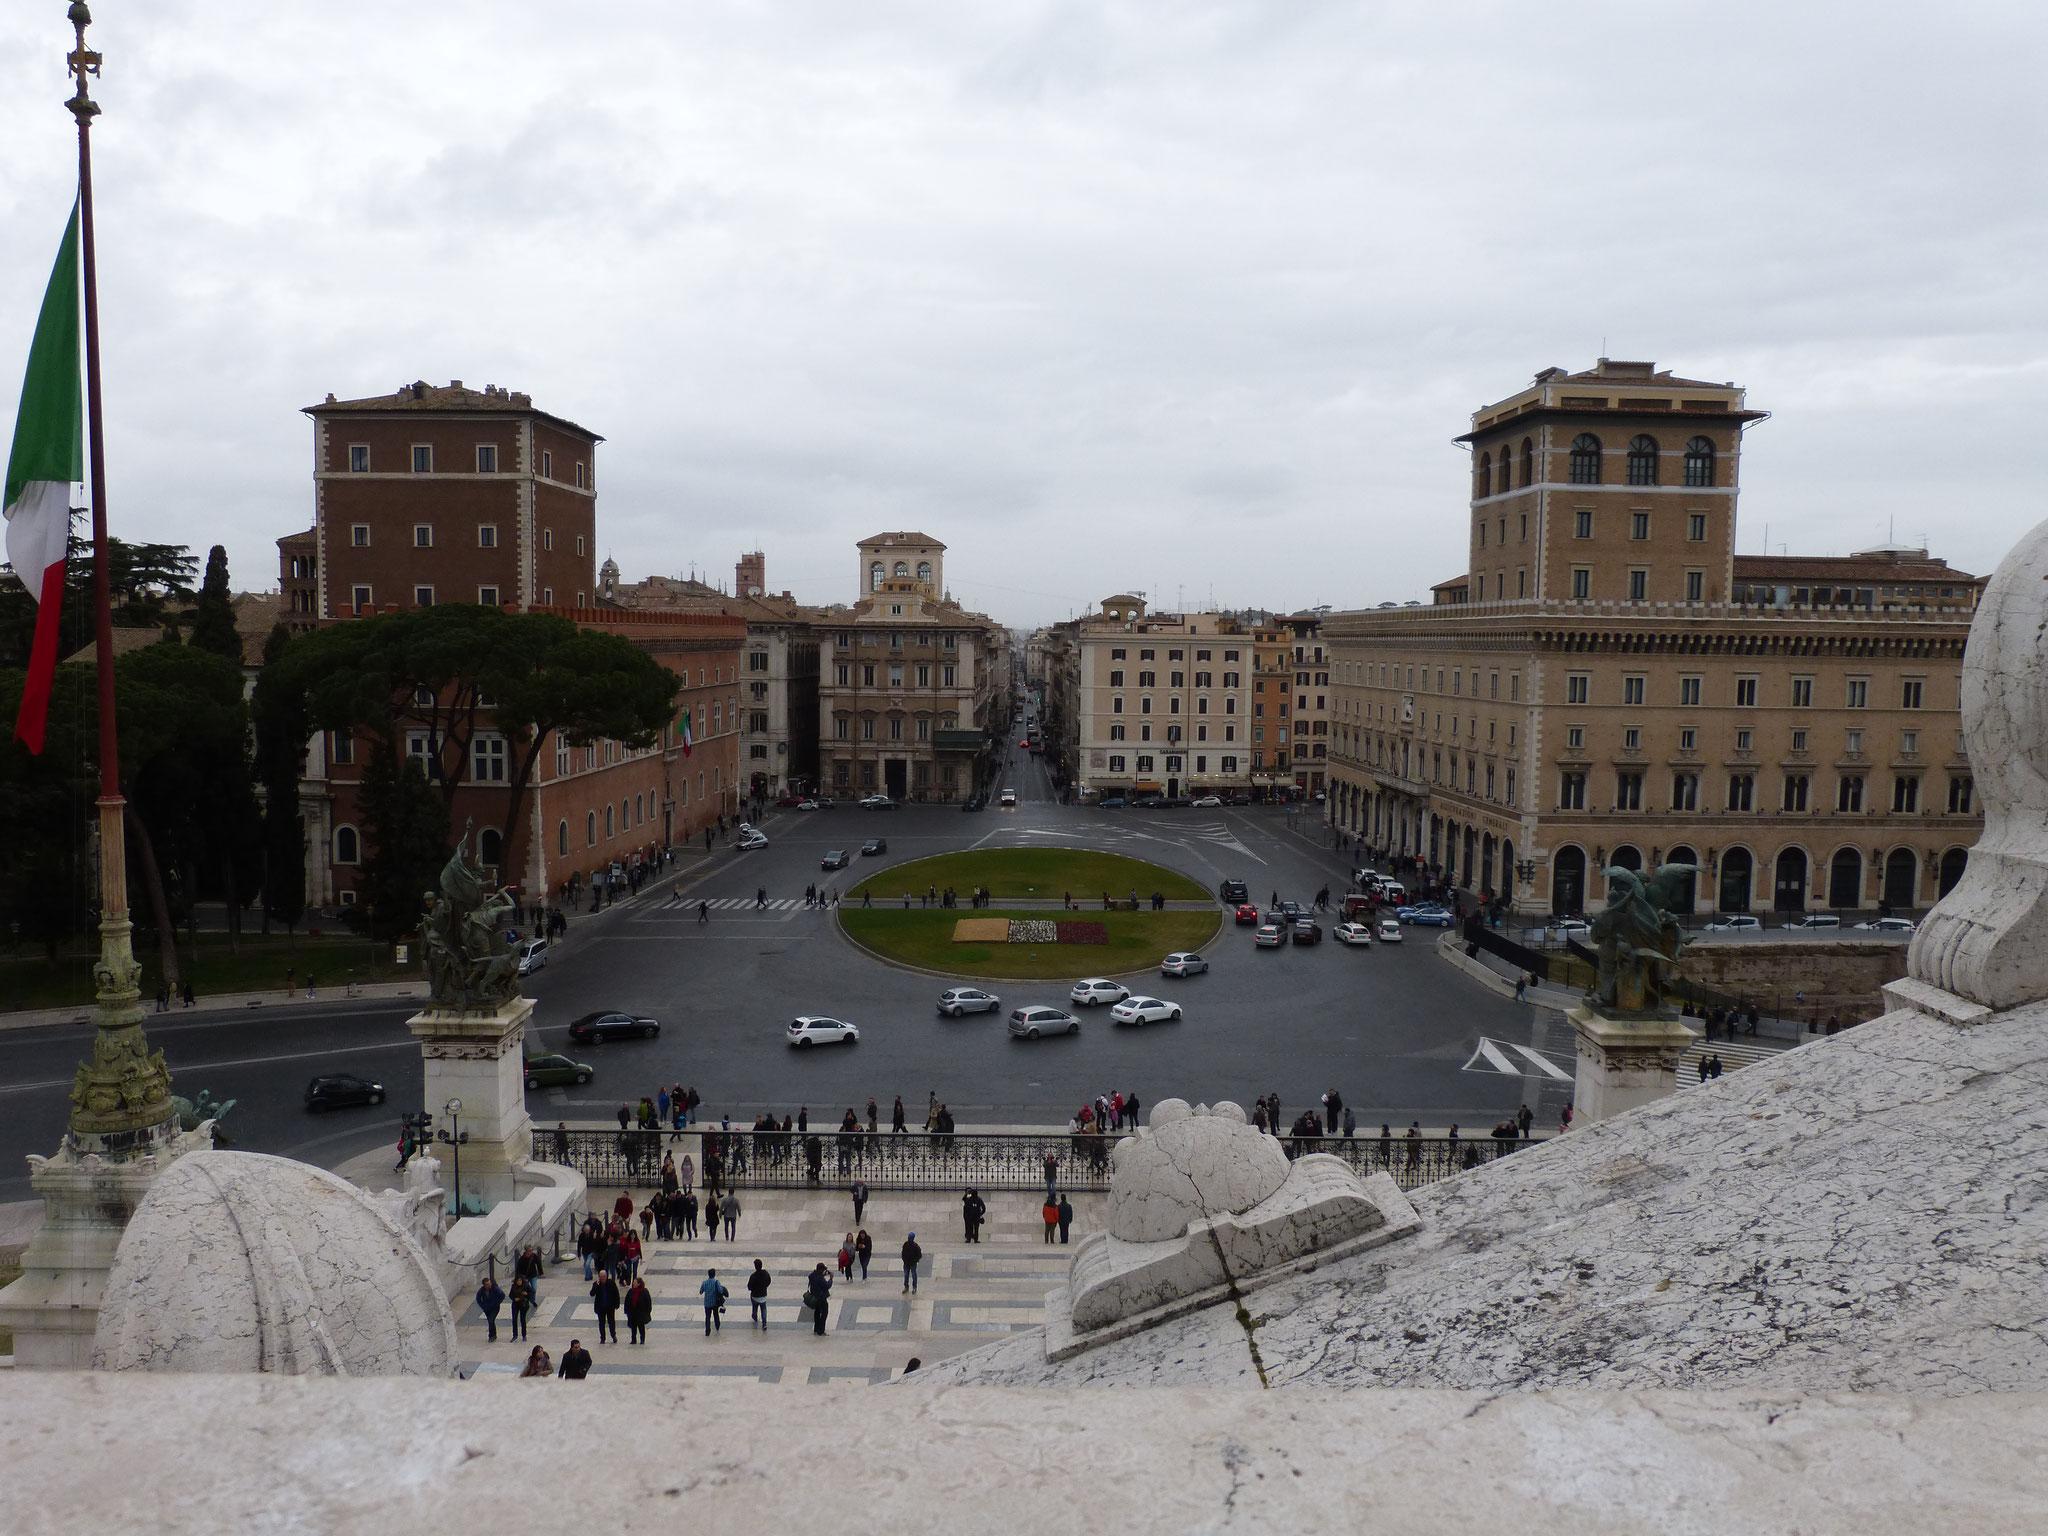 Blick auf die Piazza Venezia und auf die Via del Corso